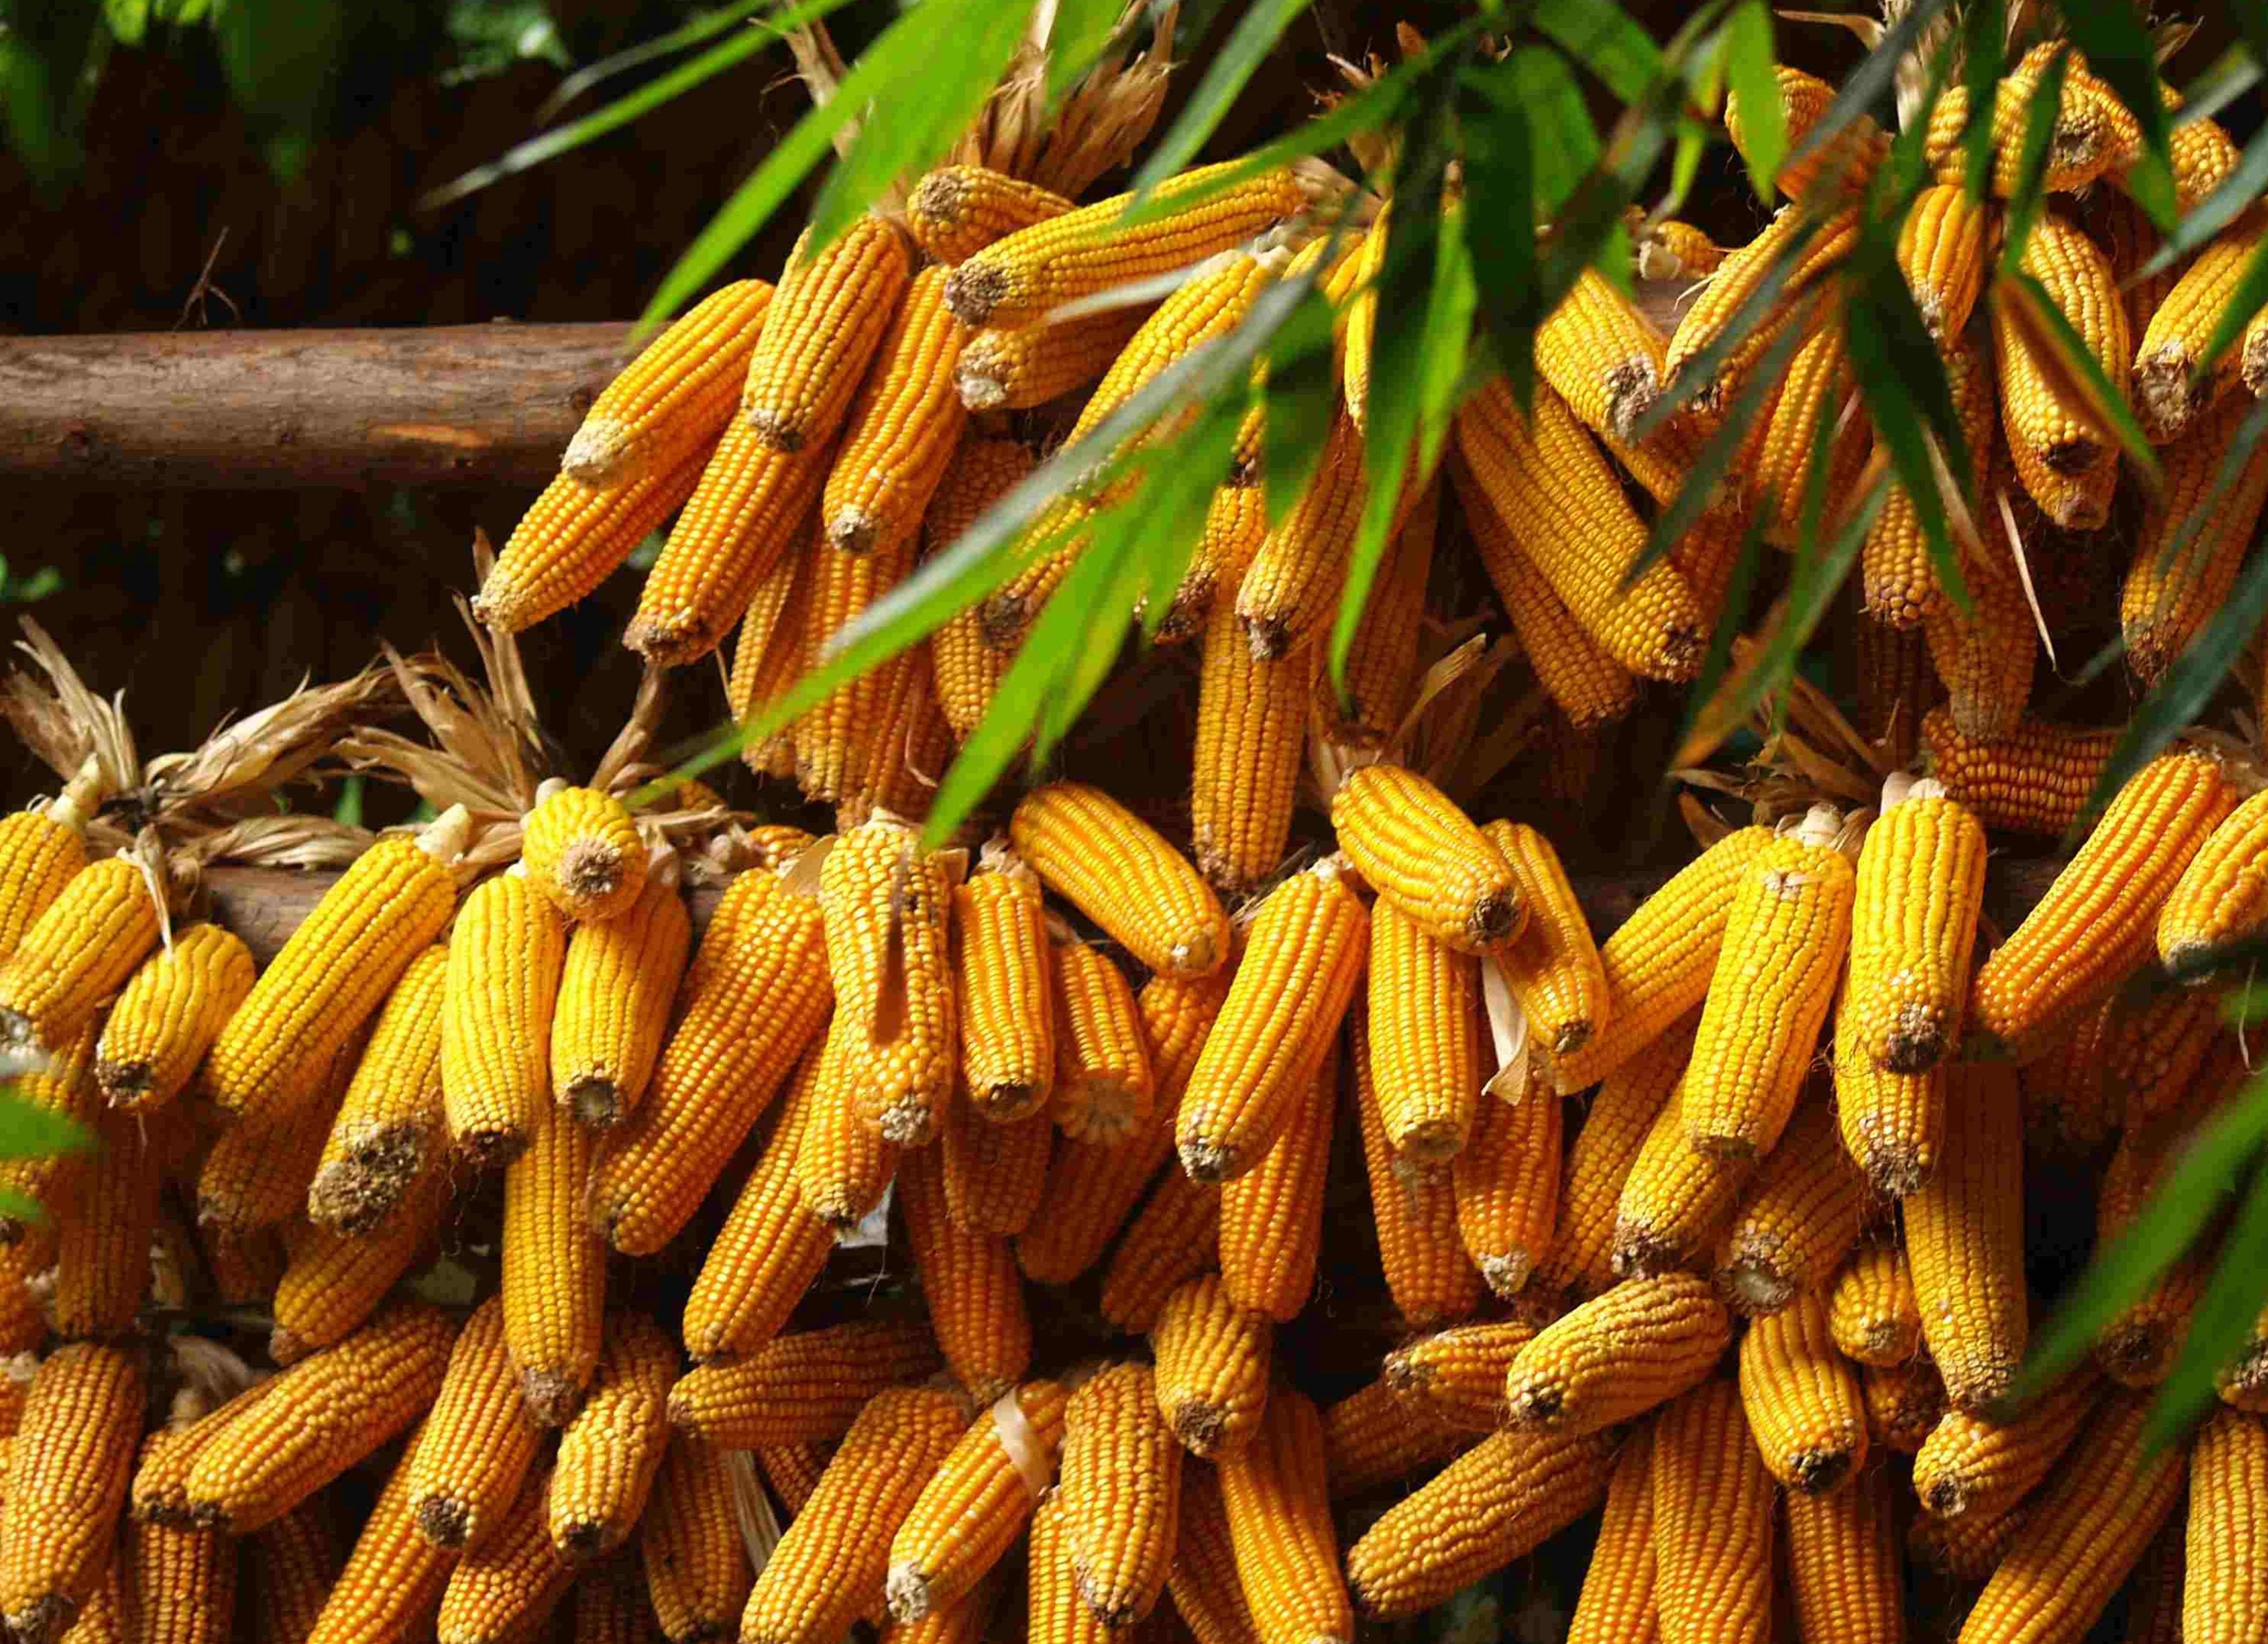 【风口上的玉米】央视新闻联播:玉米后期上涨空间有限